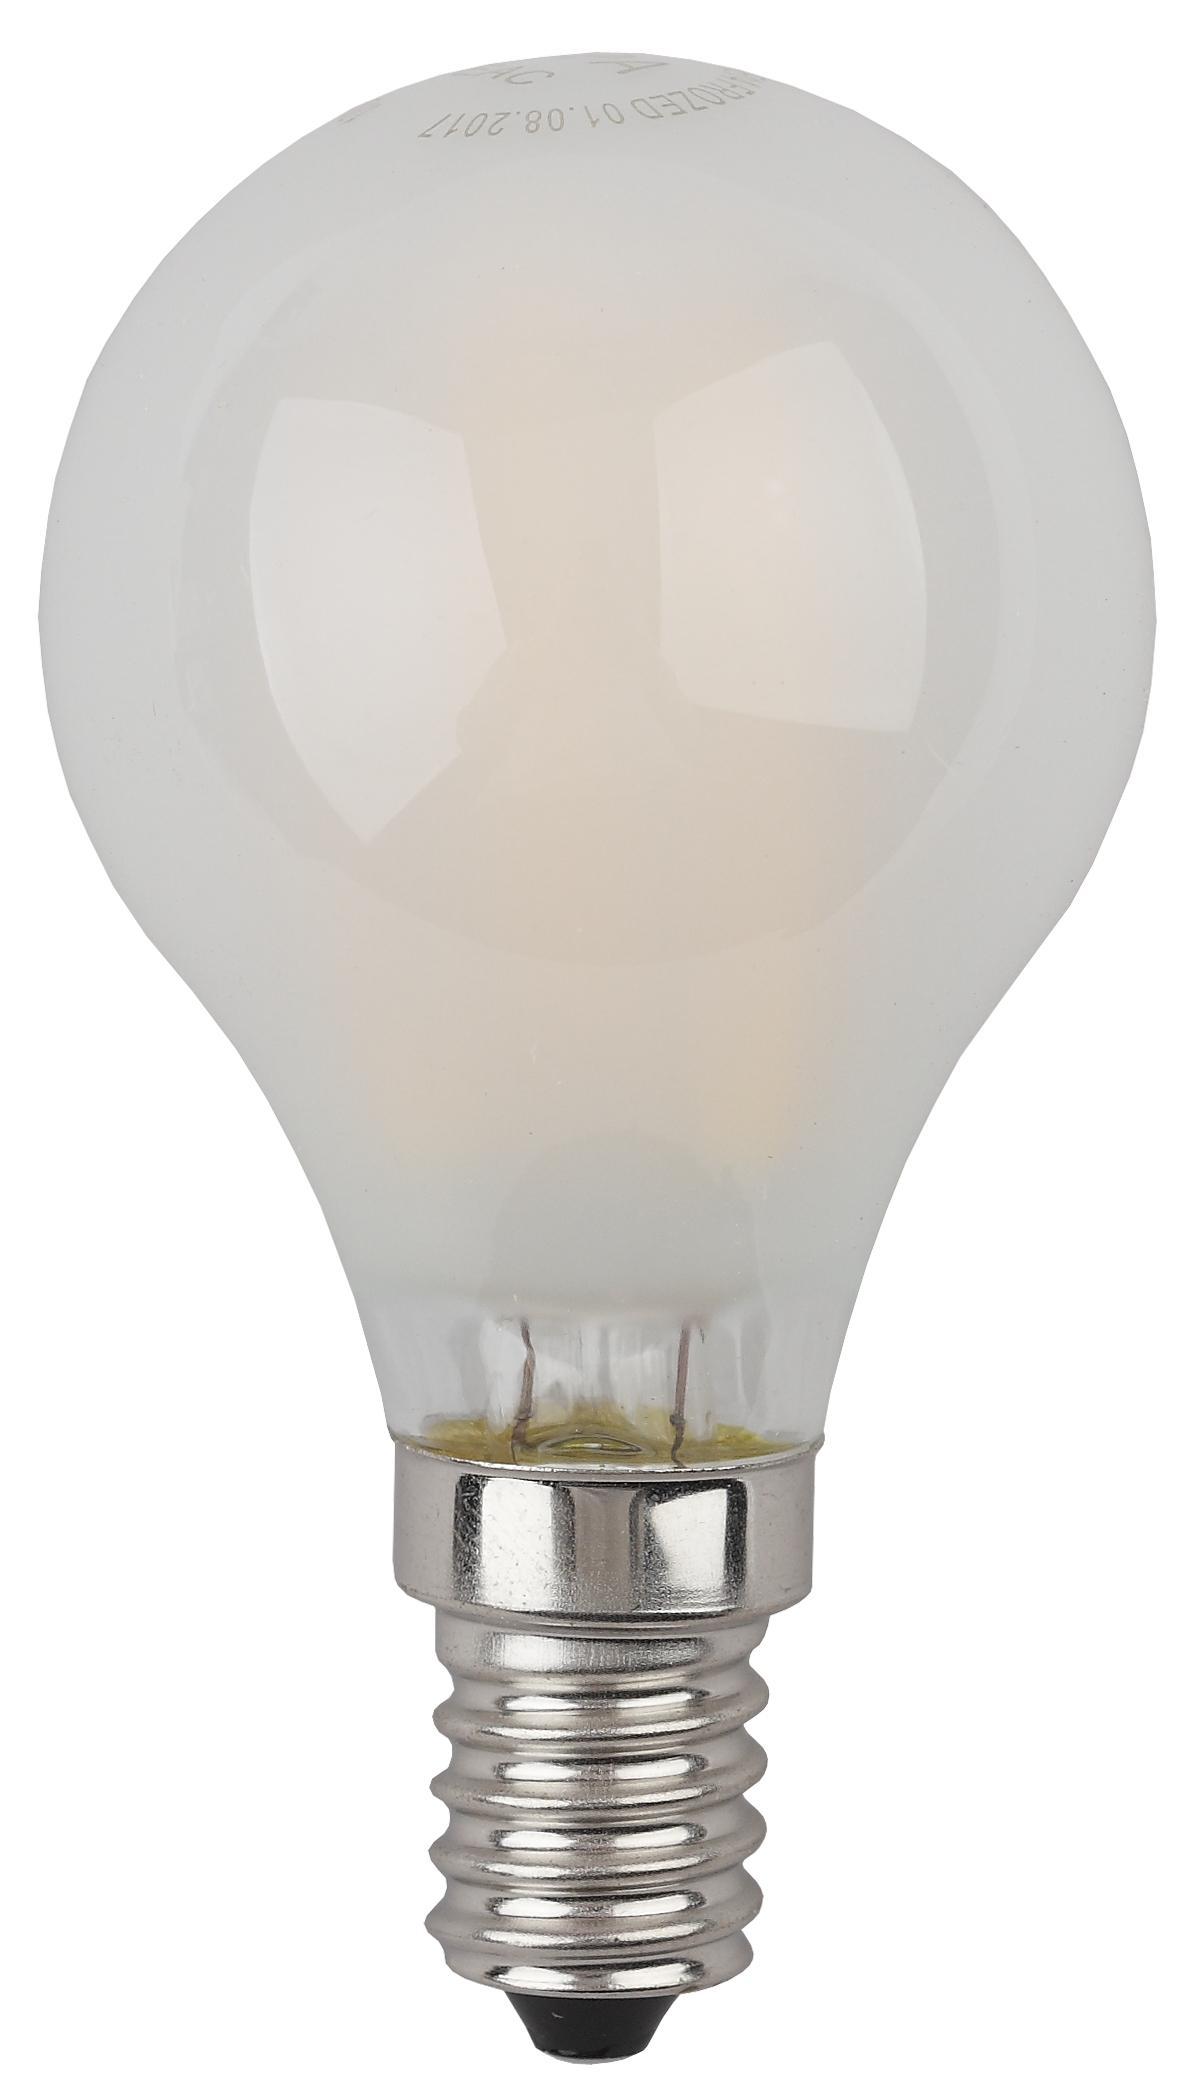 Лампа светодиодная ЭРА F-led p45-7w-827-e14 frozed